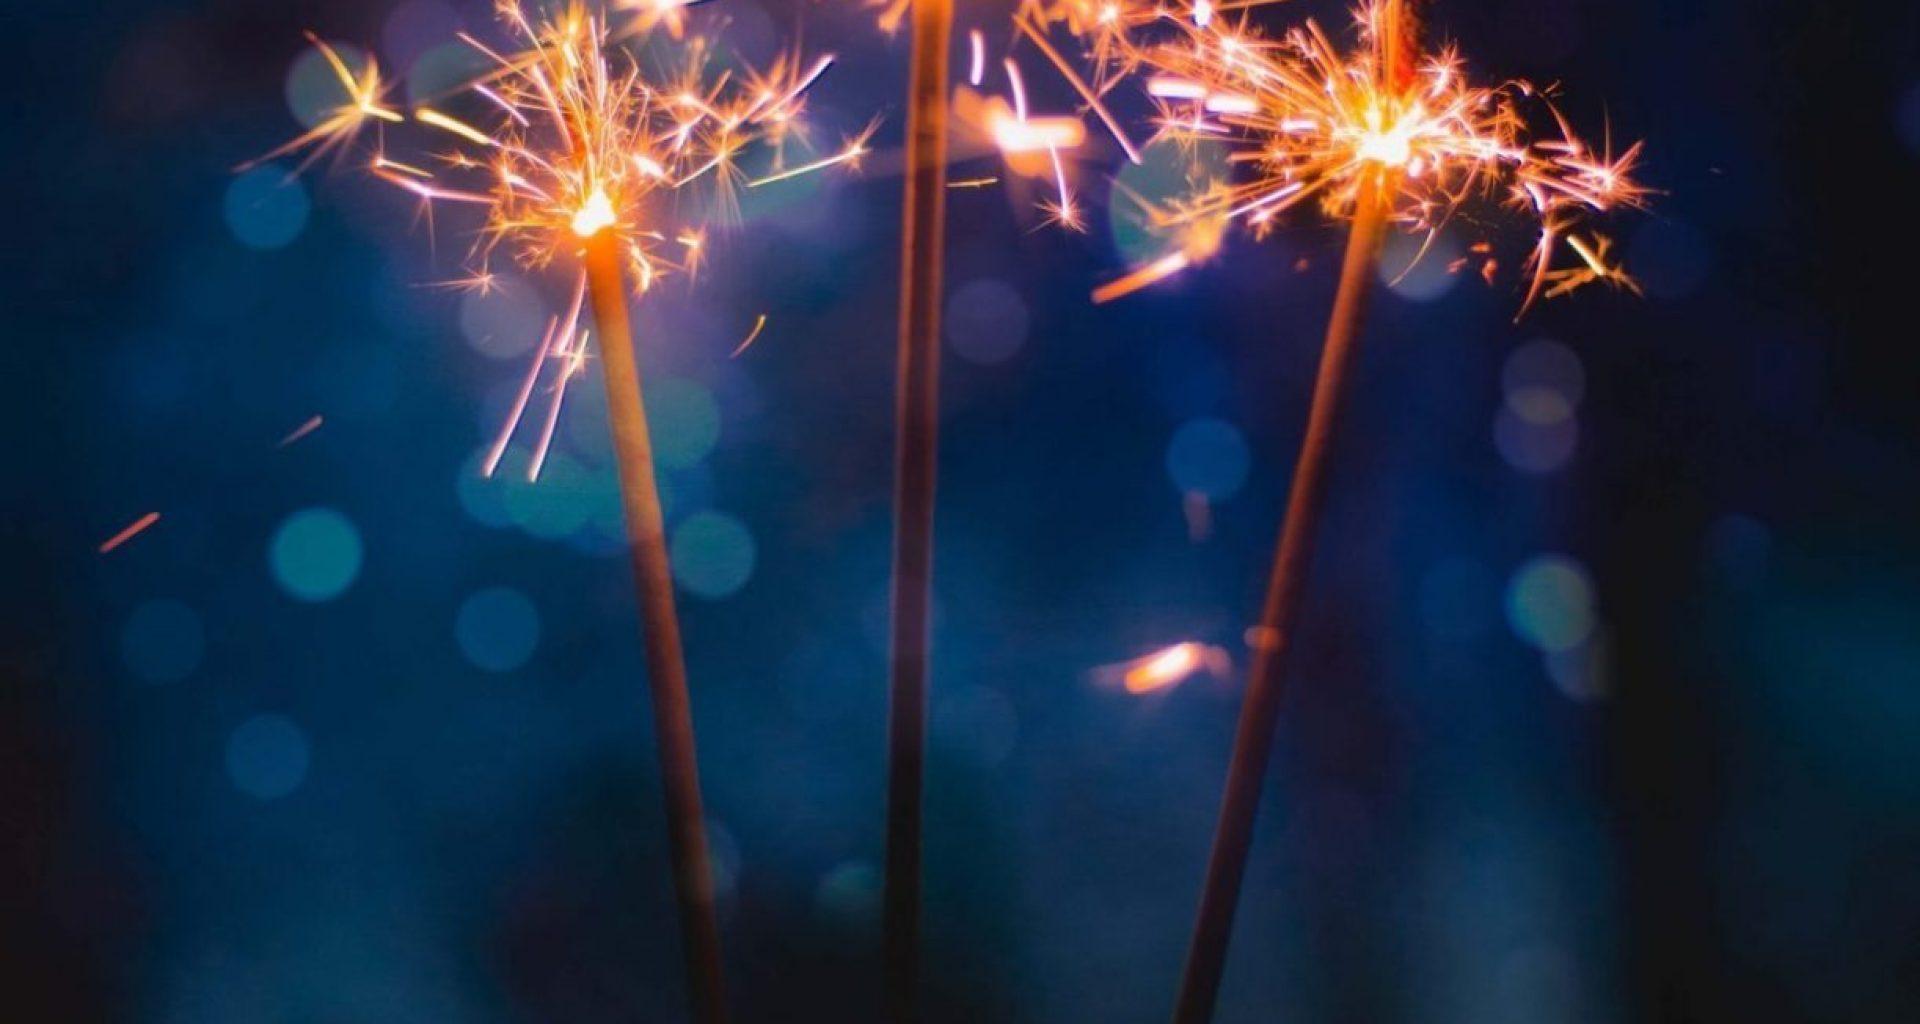 Fireworks In Dark